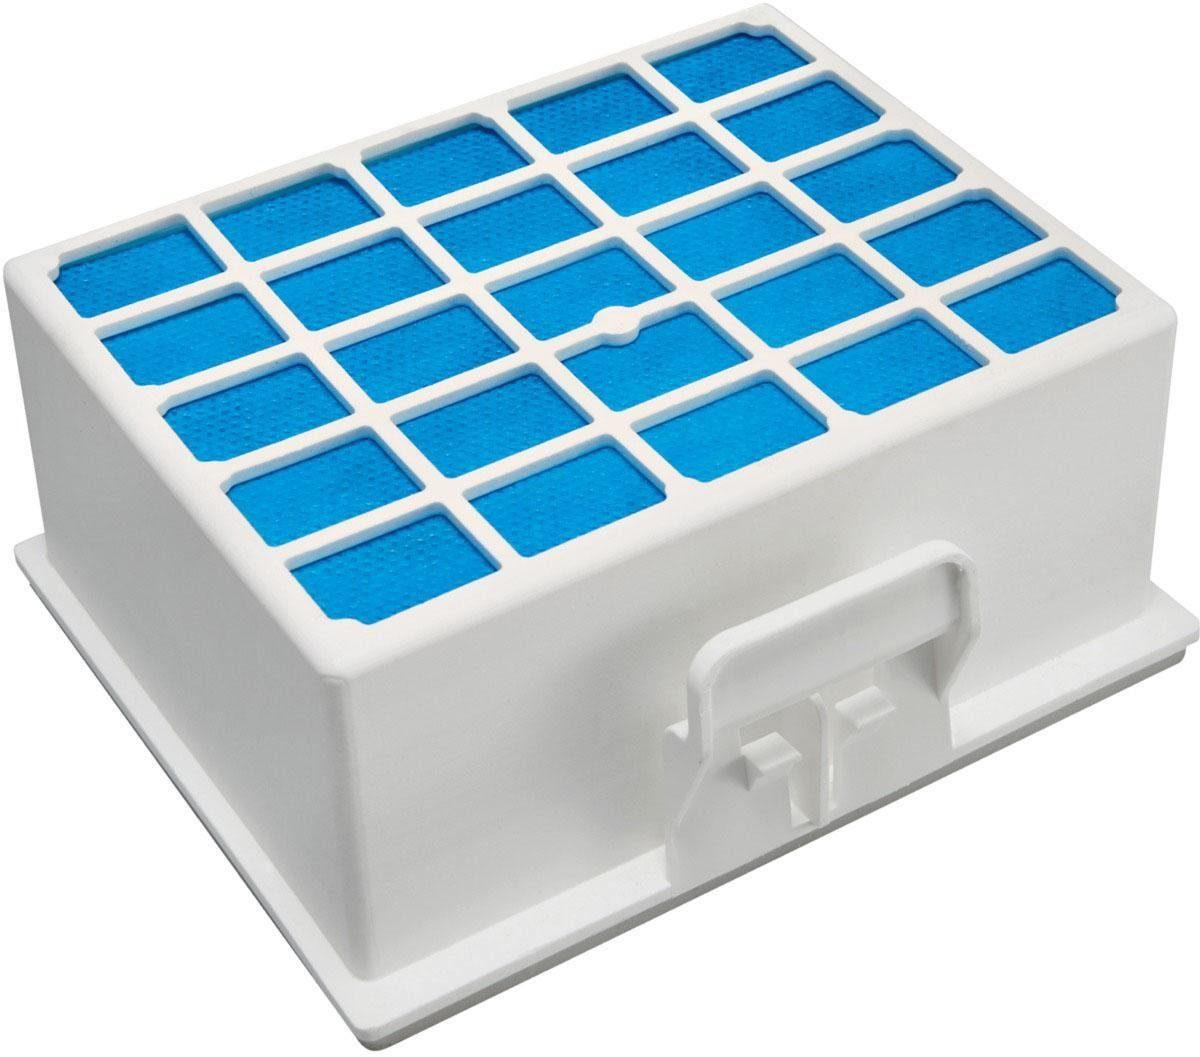 Bosch UltraAllergy Hygienefilter BBZ156UF